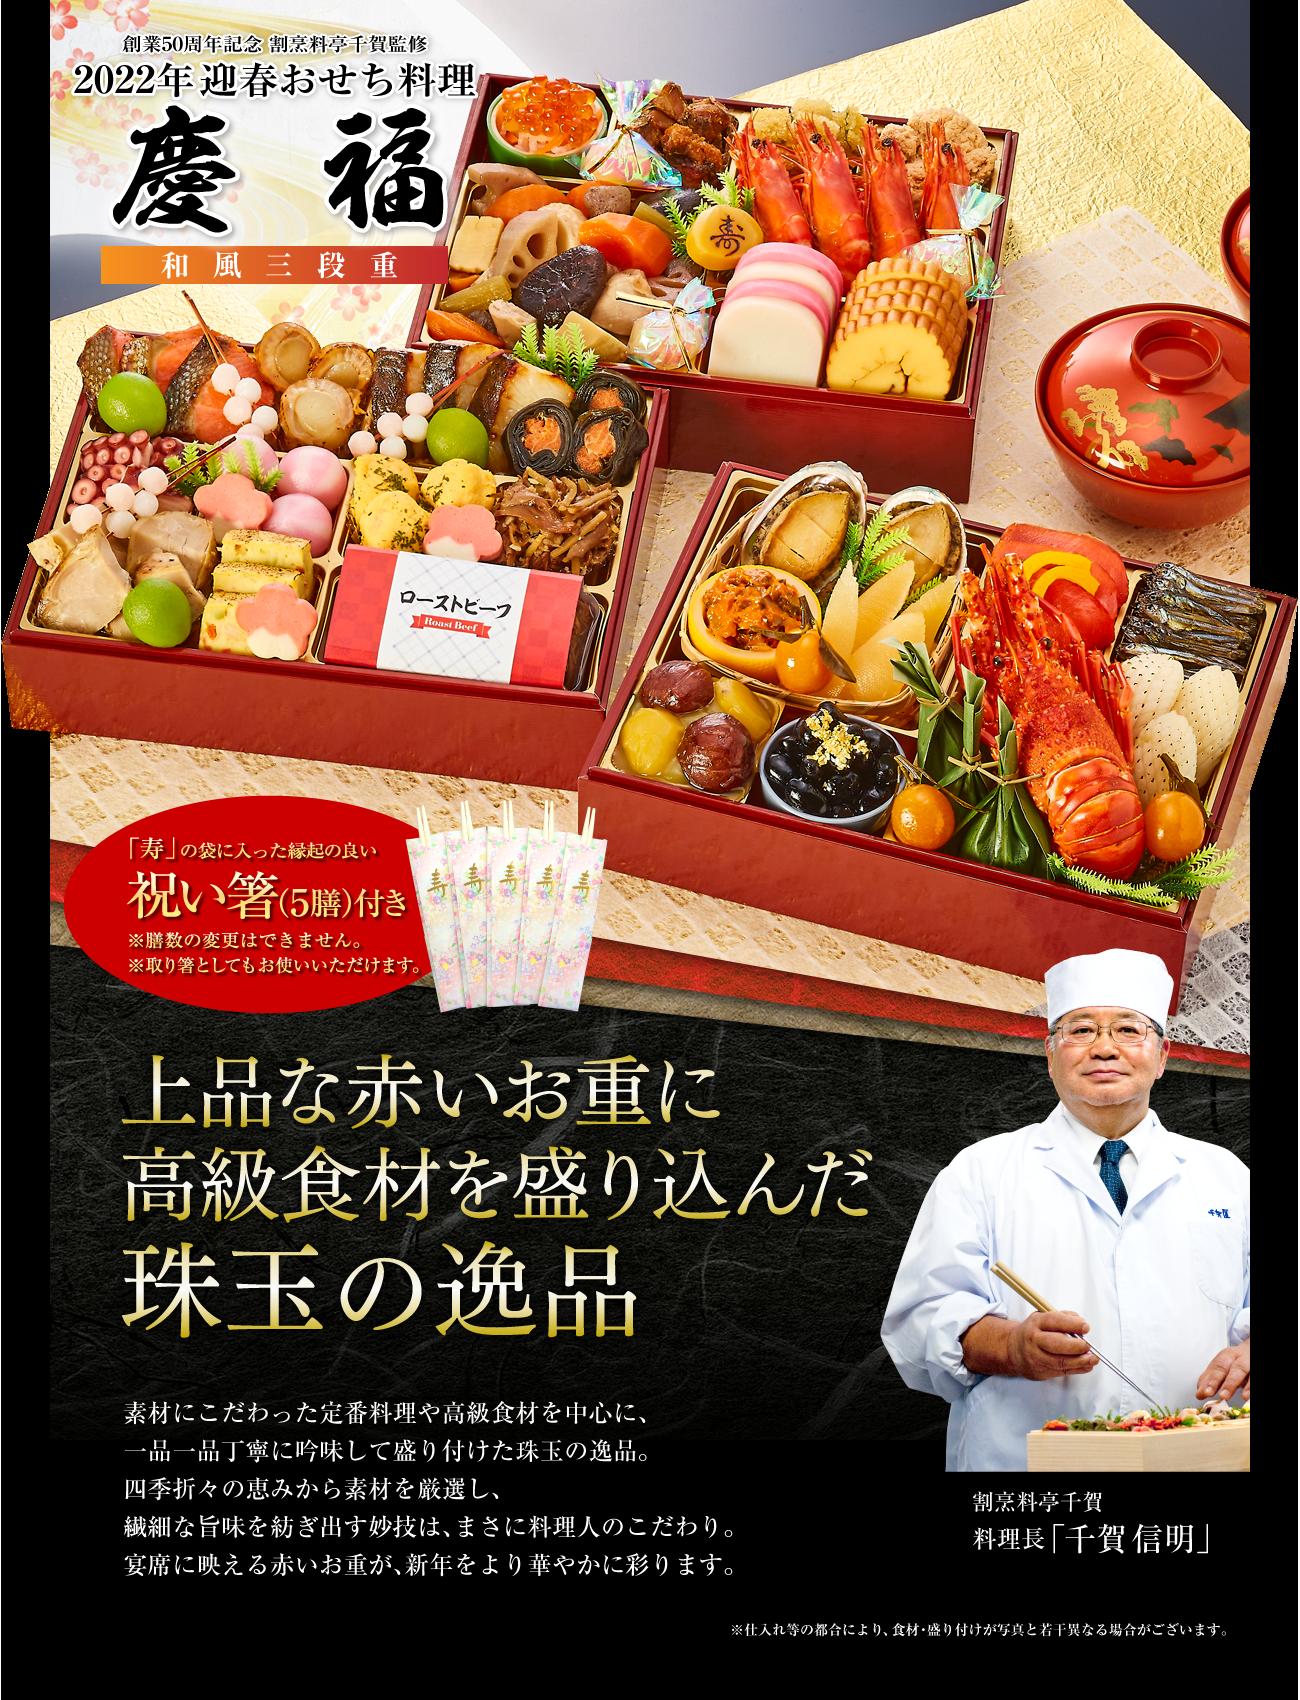 2022年迎春おせち料理 割烹料亭千賀監修 慶福